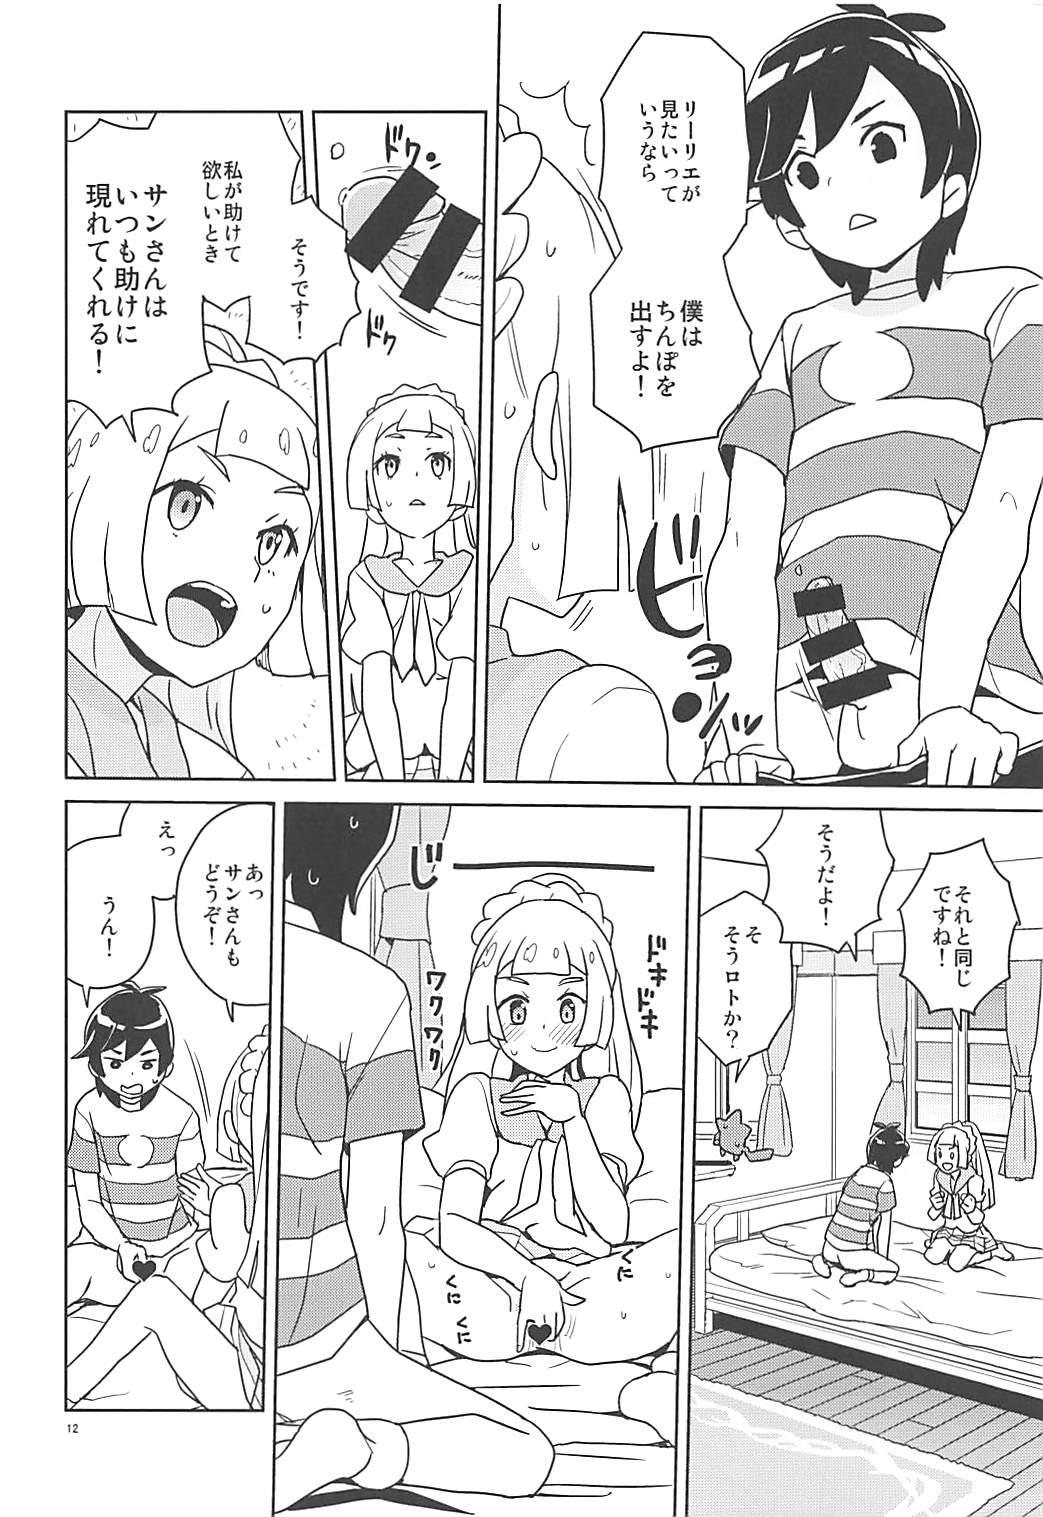 Lillie Kimi no Atama Boku ga Yoku Shite Ageyou 10